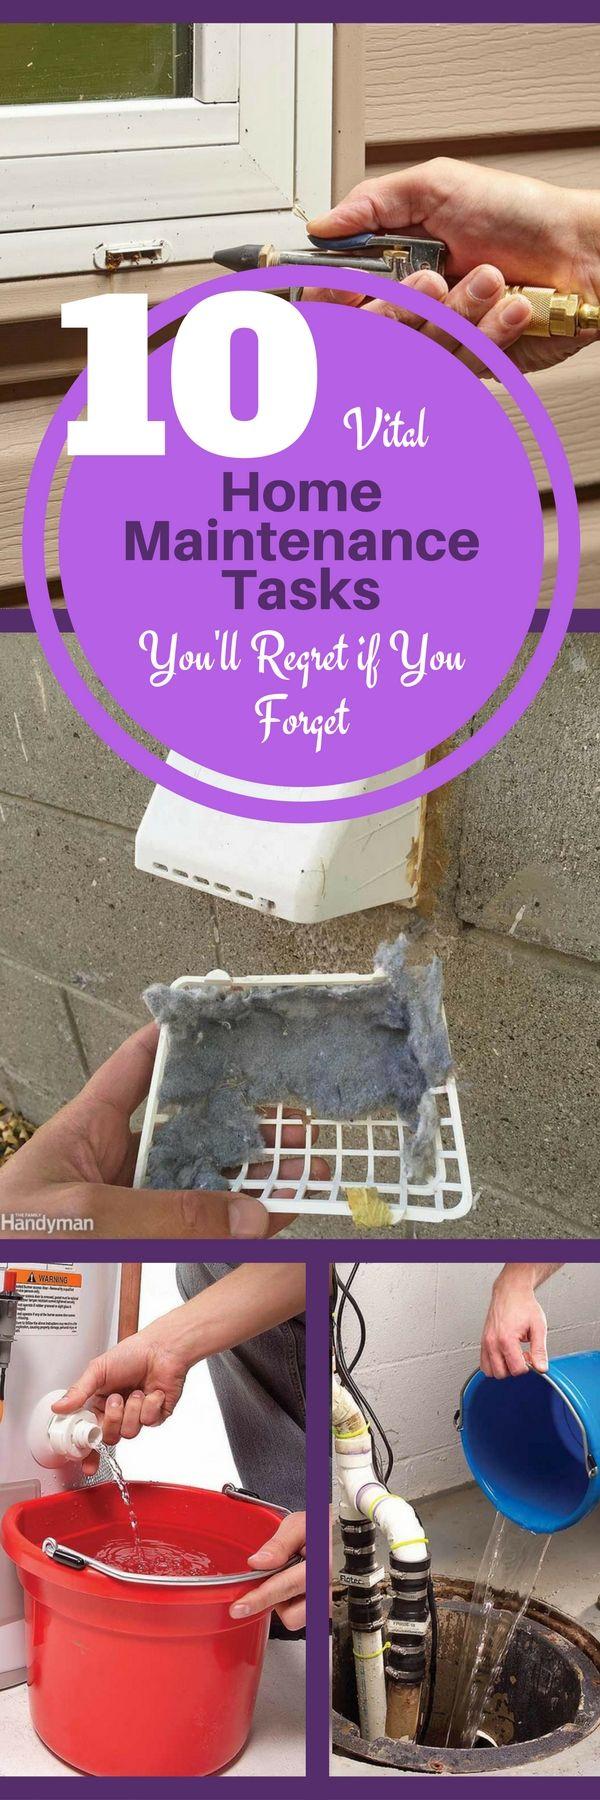 Photo of 10 wichtige Wartungsaufgaben für Ihr Zuhause, die Sie bereuen werden, wenn Sie sie vergessen